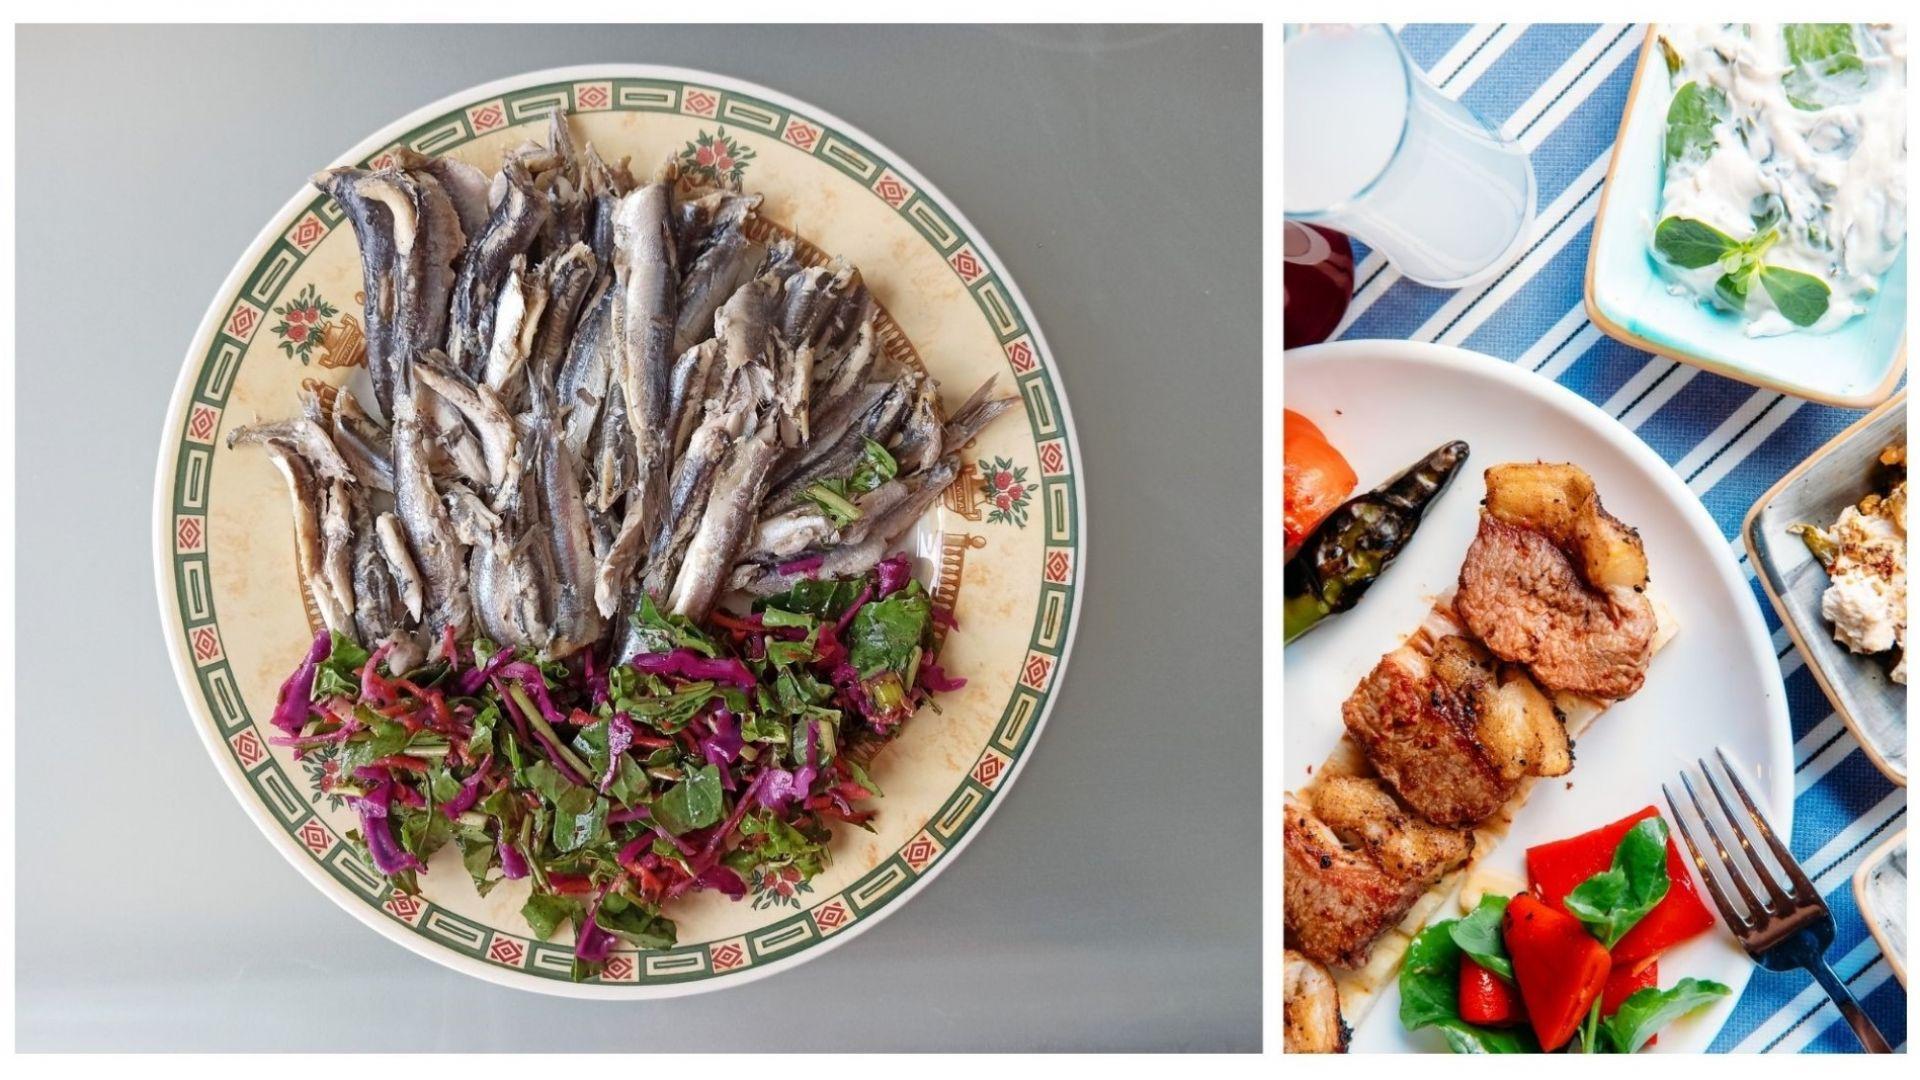 На пристанището в град Калкан (на Ликийското крайбрежие) има добри рибни ресторантчета и освежаващ бриз по залез.